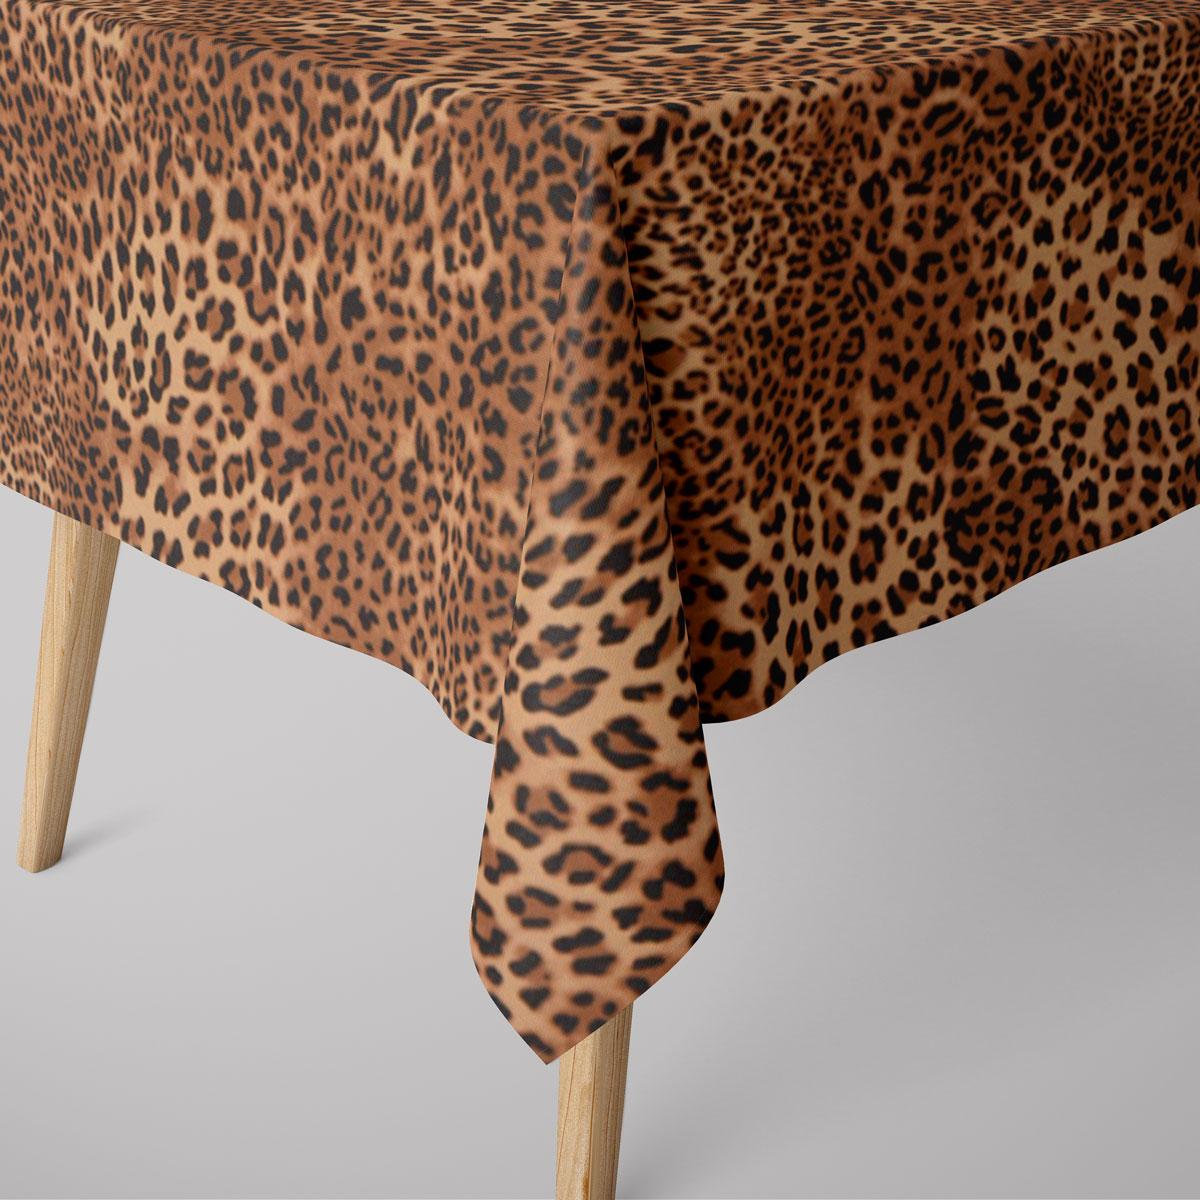 SCHÖNER LEBEN. Tischdecke Leopardenhaut Leo-Skin braun verschiedene Größen